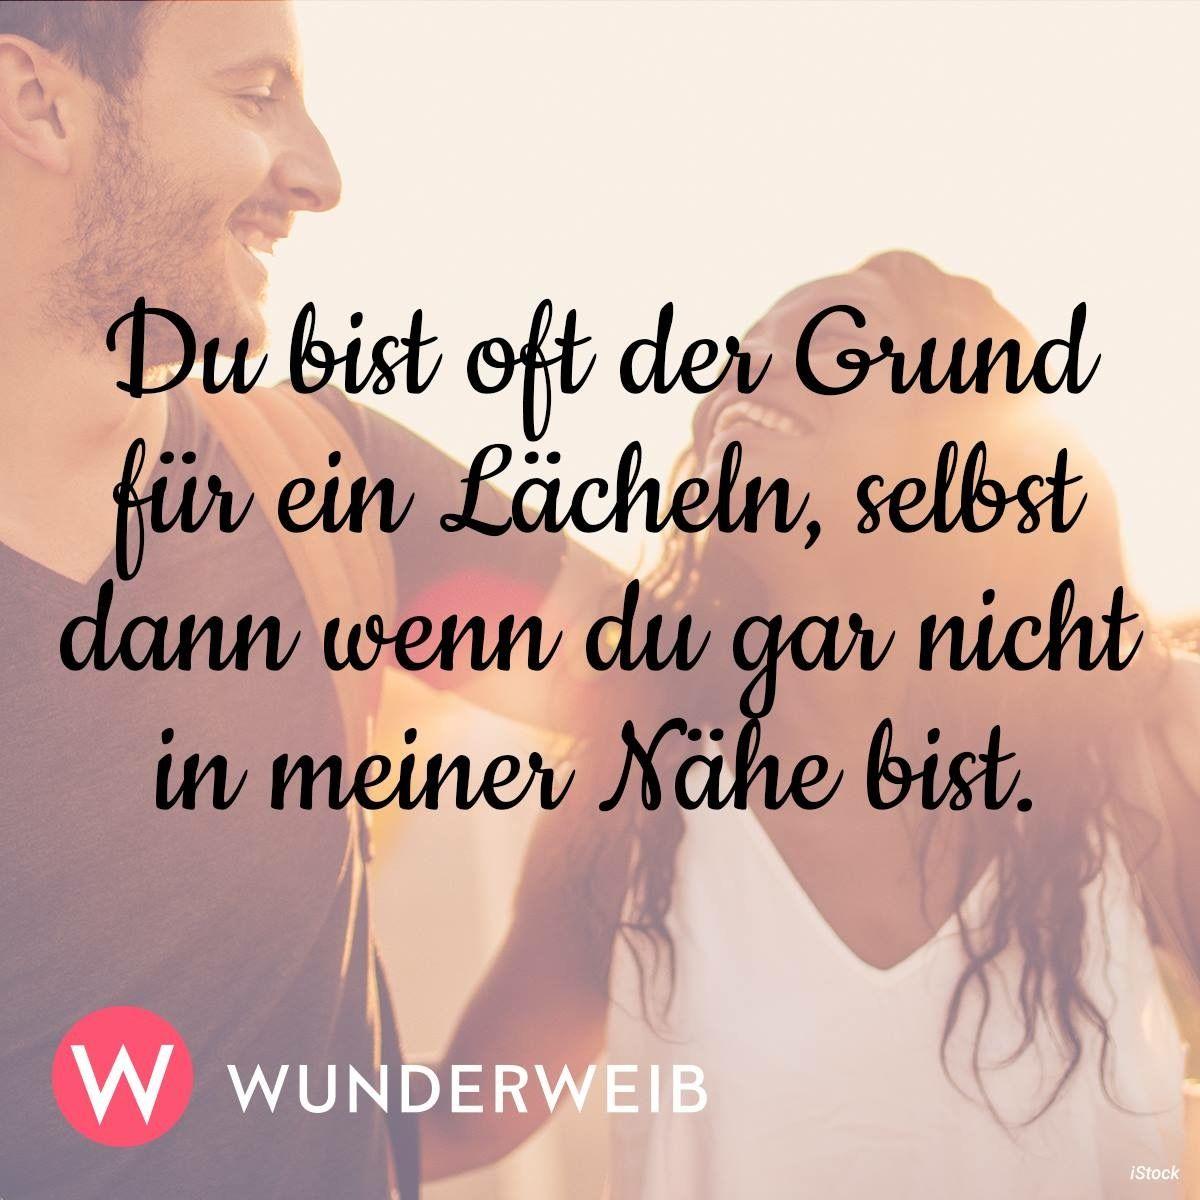 Du bist immer in meinen gedanken auf deutsch